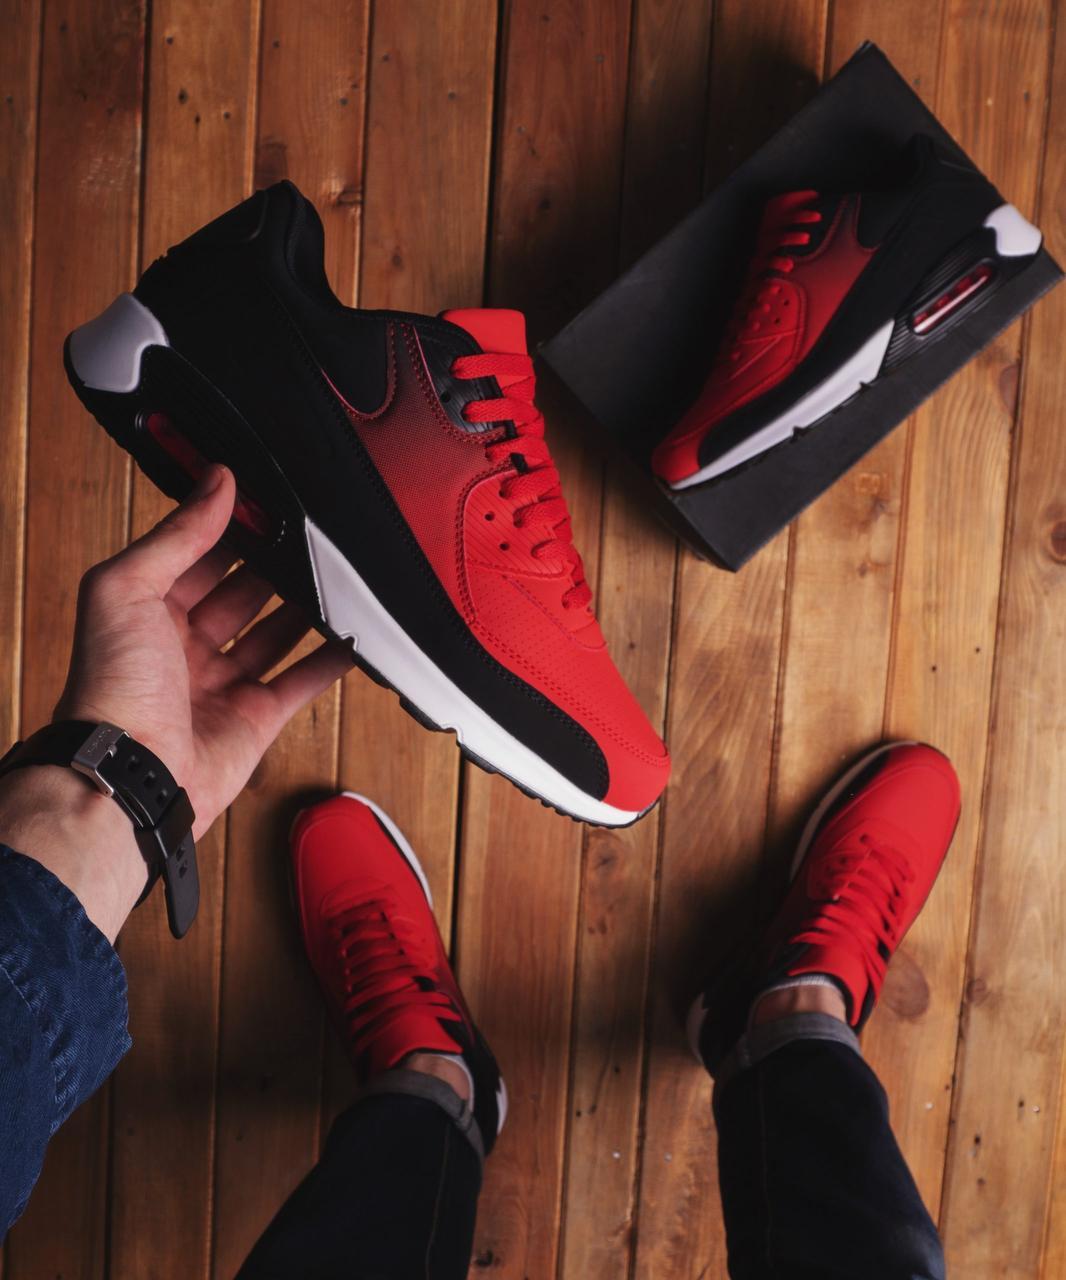 Чоловічі кросівки Ривал 90 Pobedov (червоні)